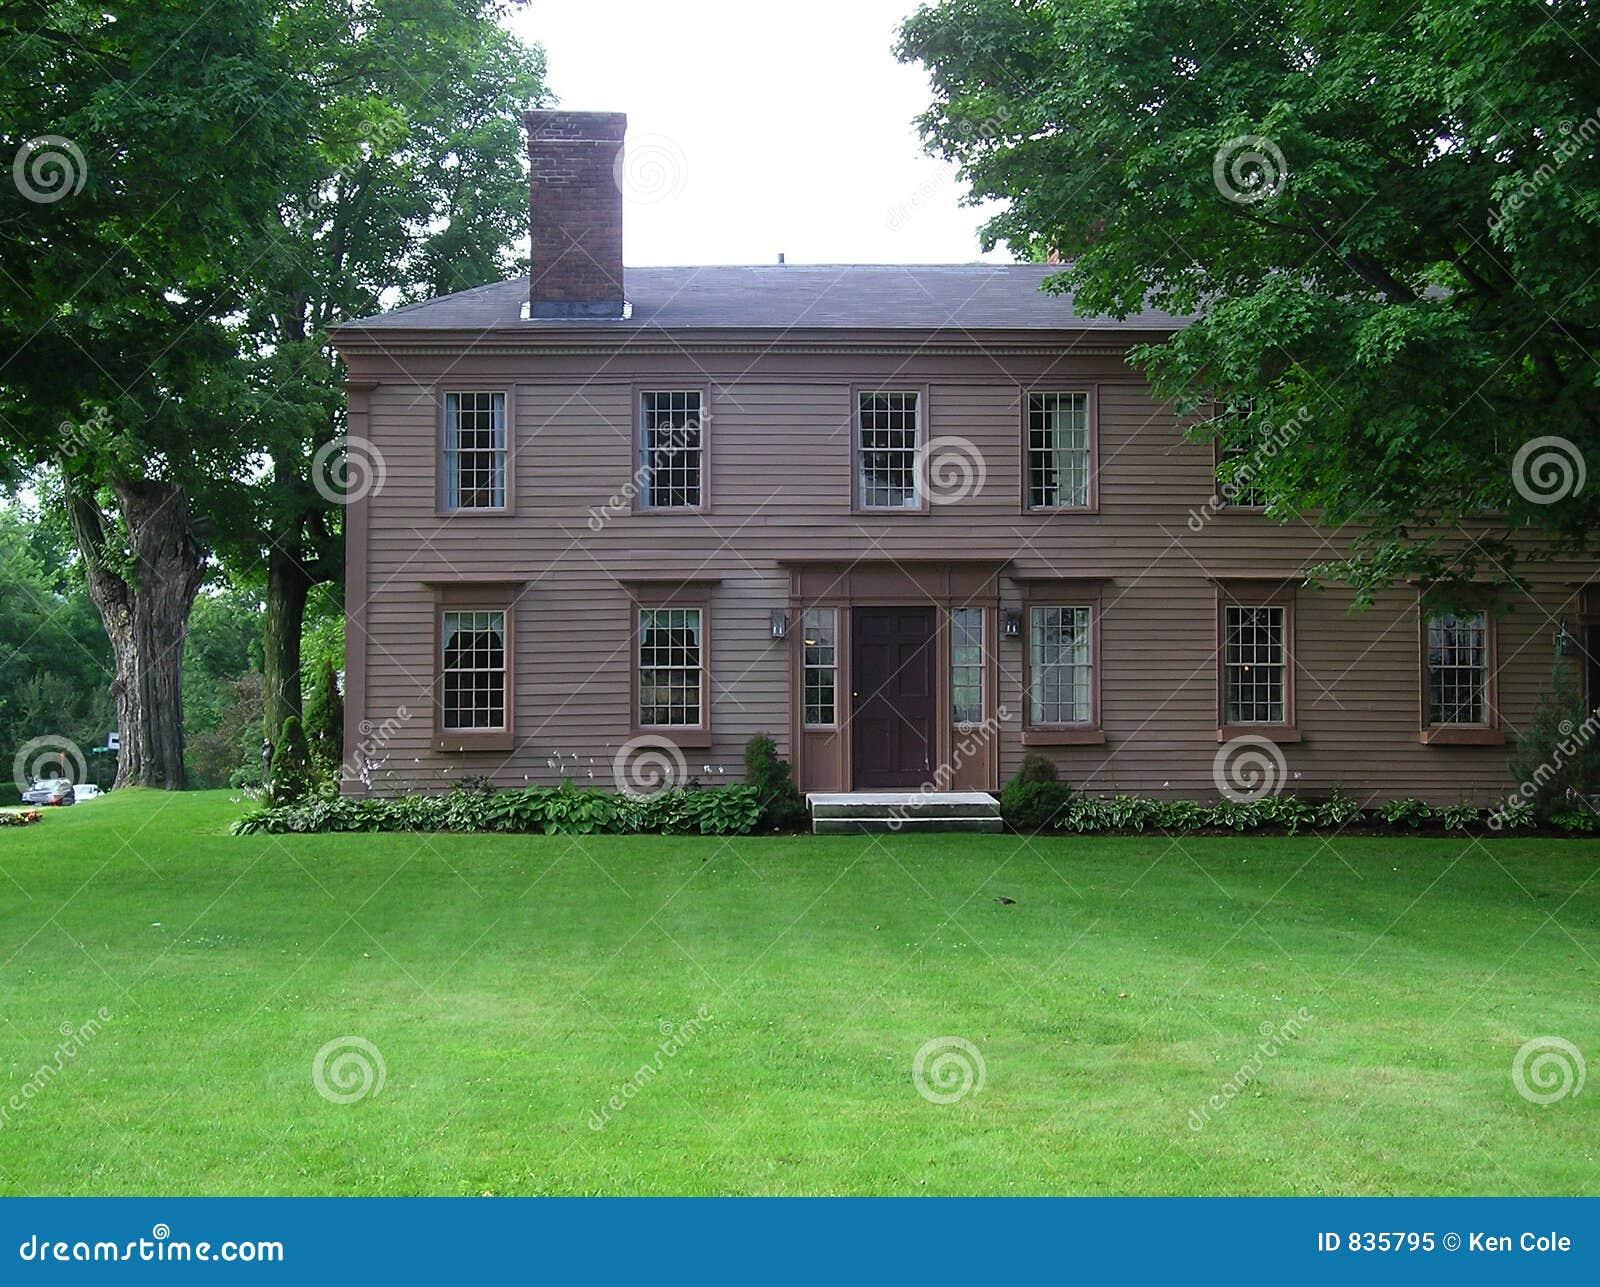 Het oude huis van de stijl van new england georgische koloniale royalty vrije stock foto beeld for Deco oude huis